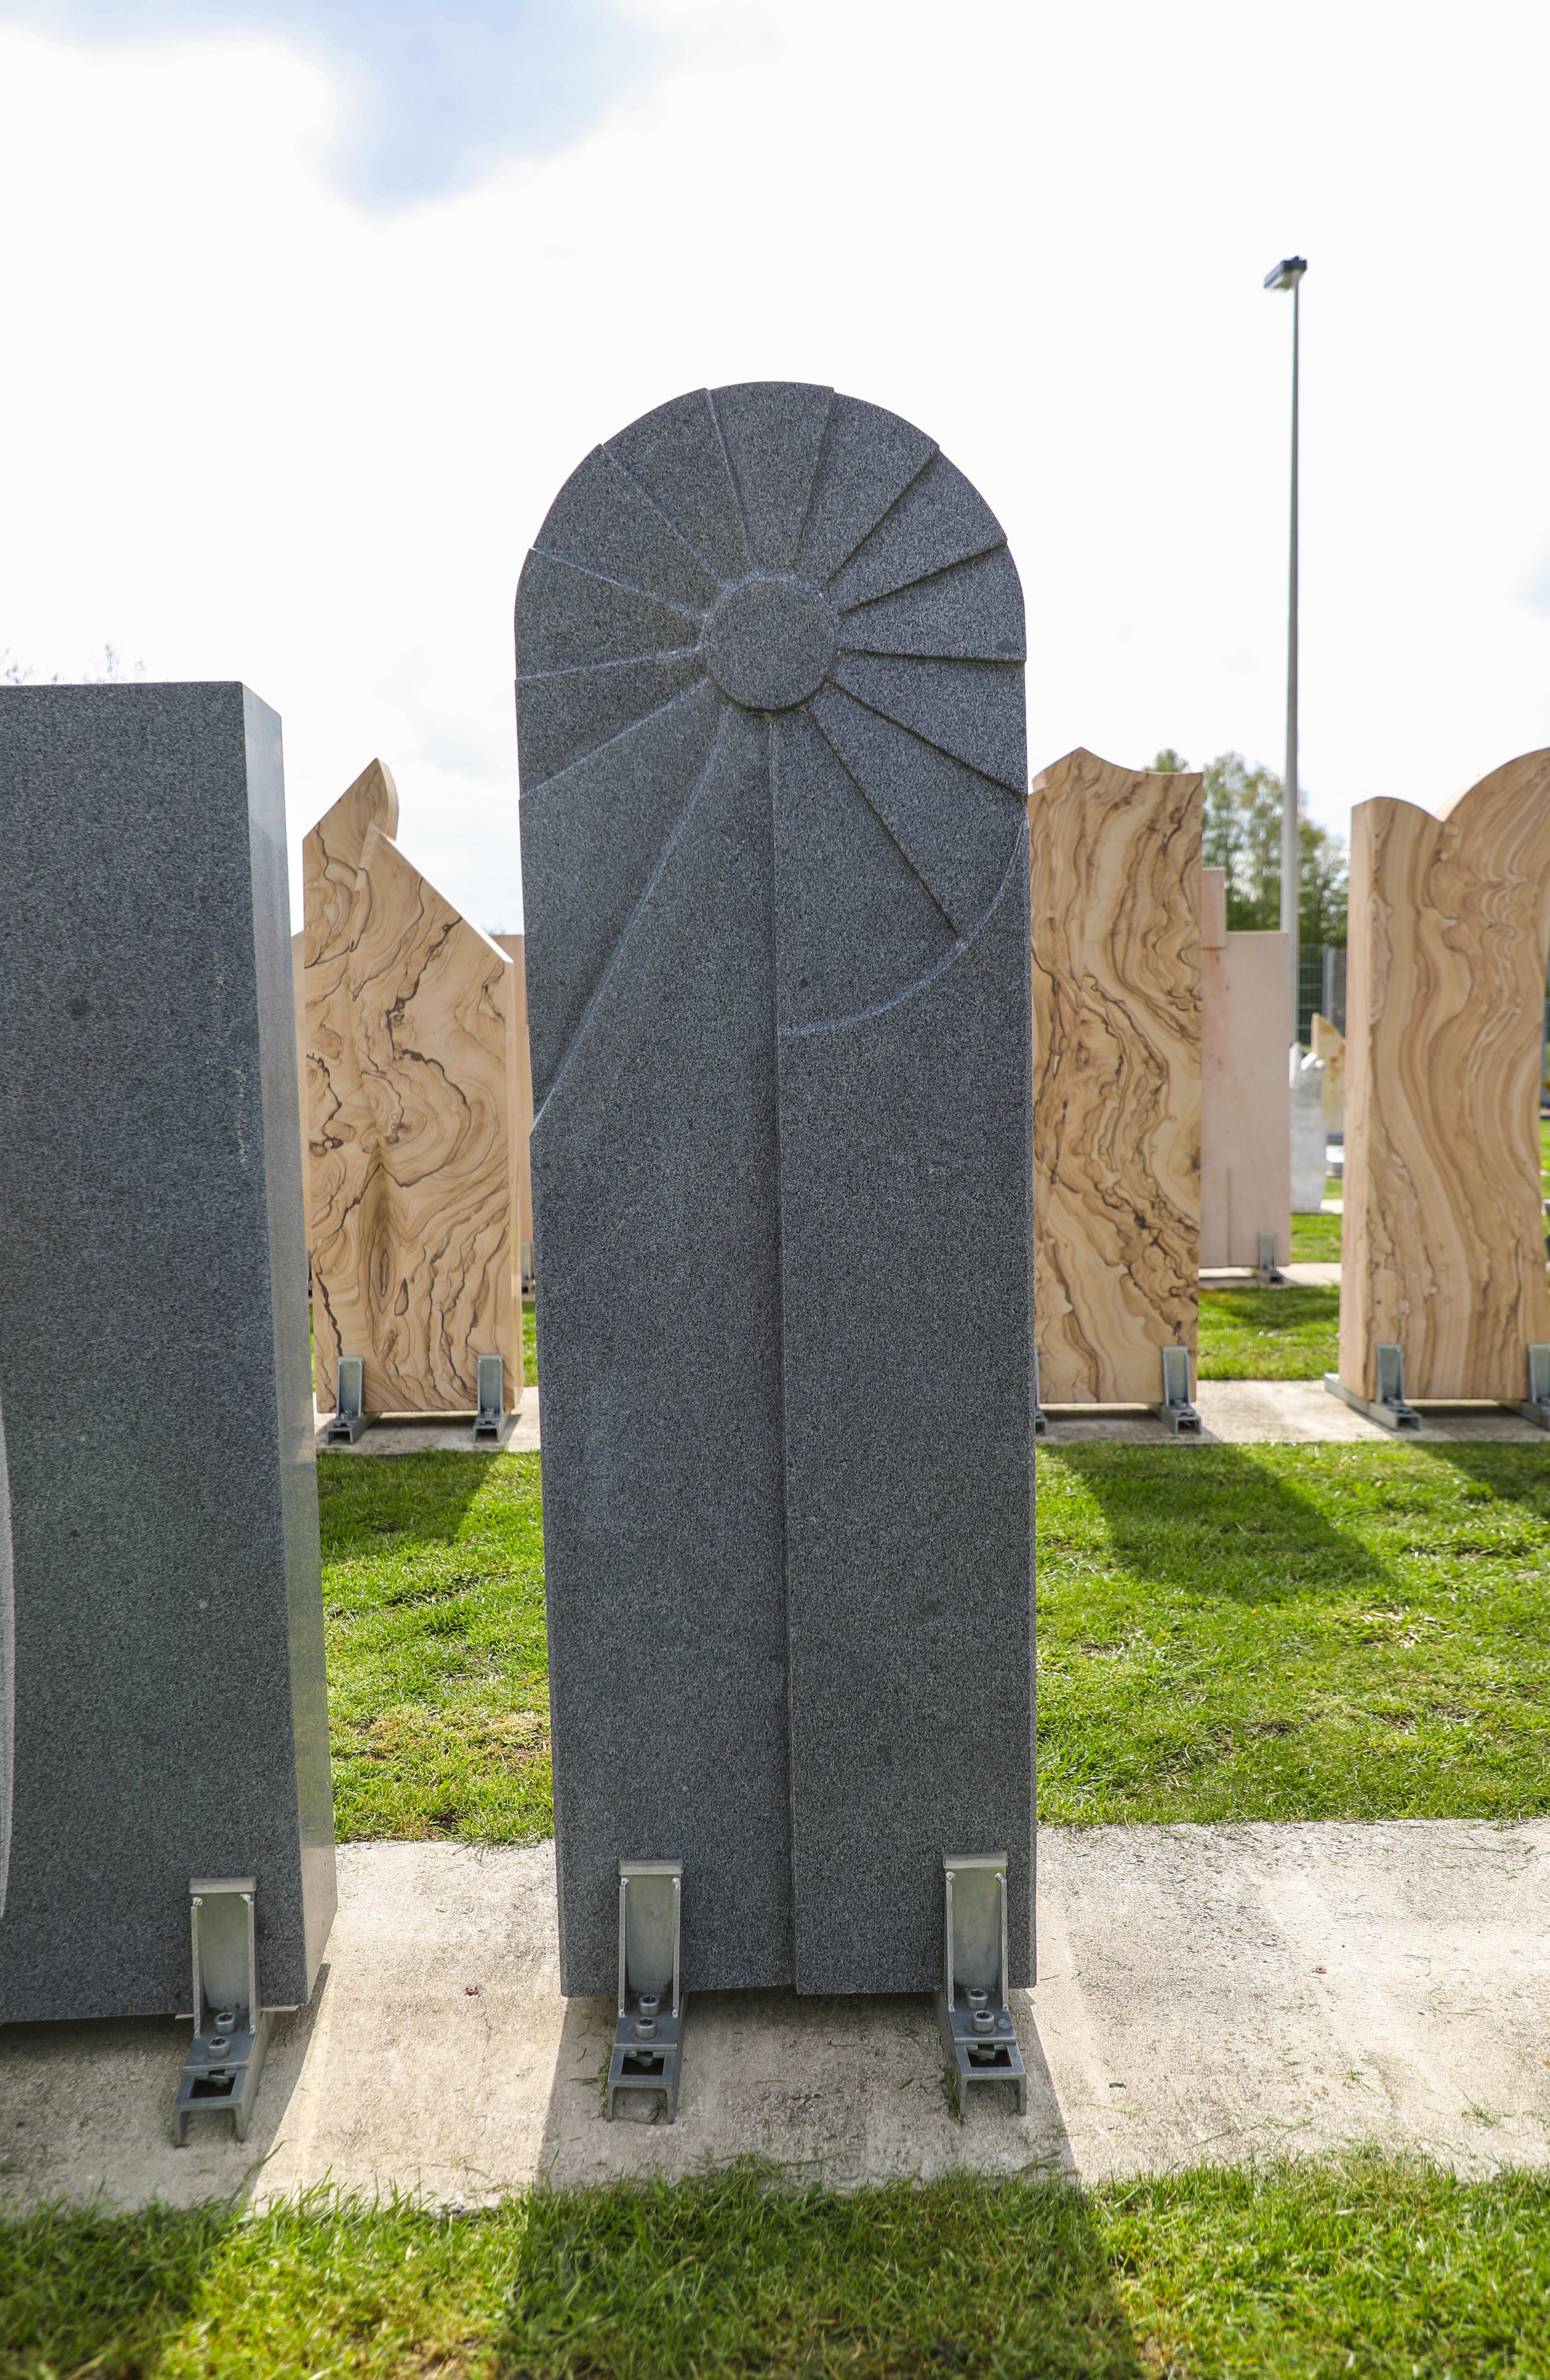 schöne günstige und moderne Grabsteine Einzelgrabstein in Deutschland produziert Grabstein preise Grabstein kosten Grabstein kaufen Grabstein online